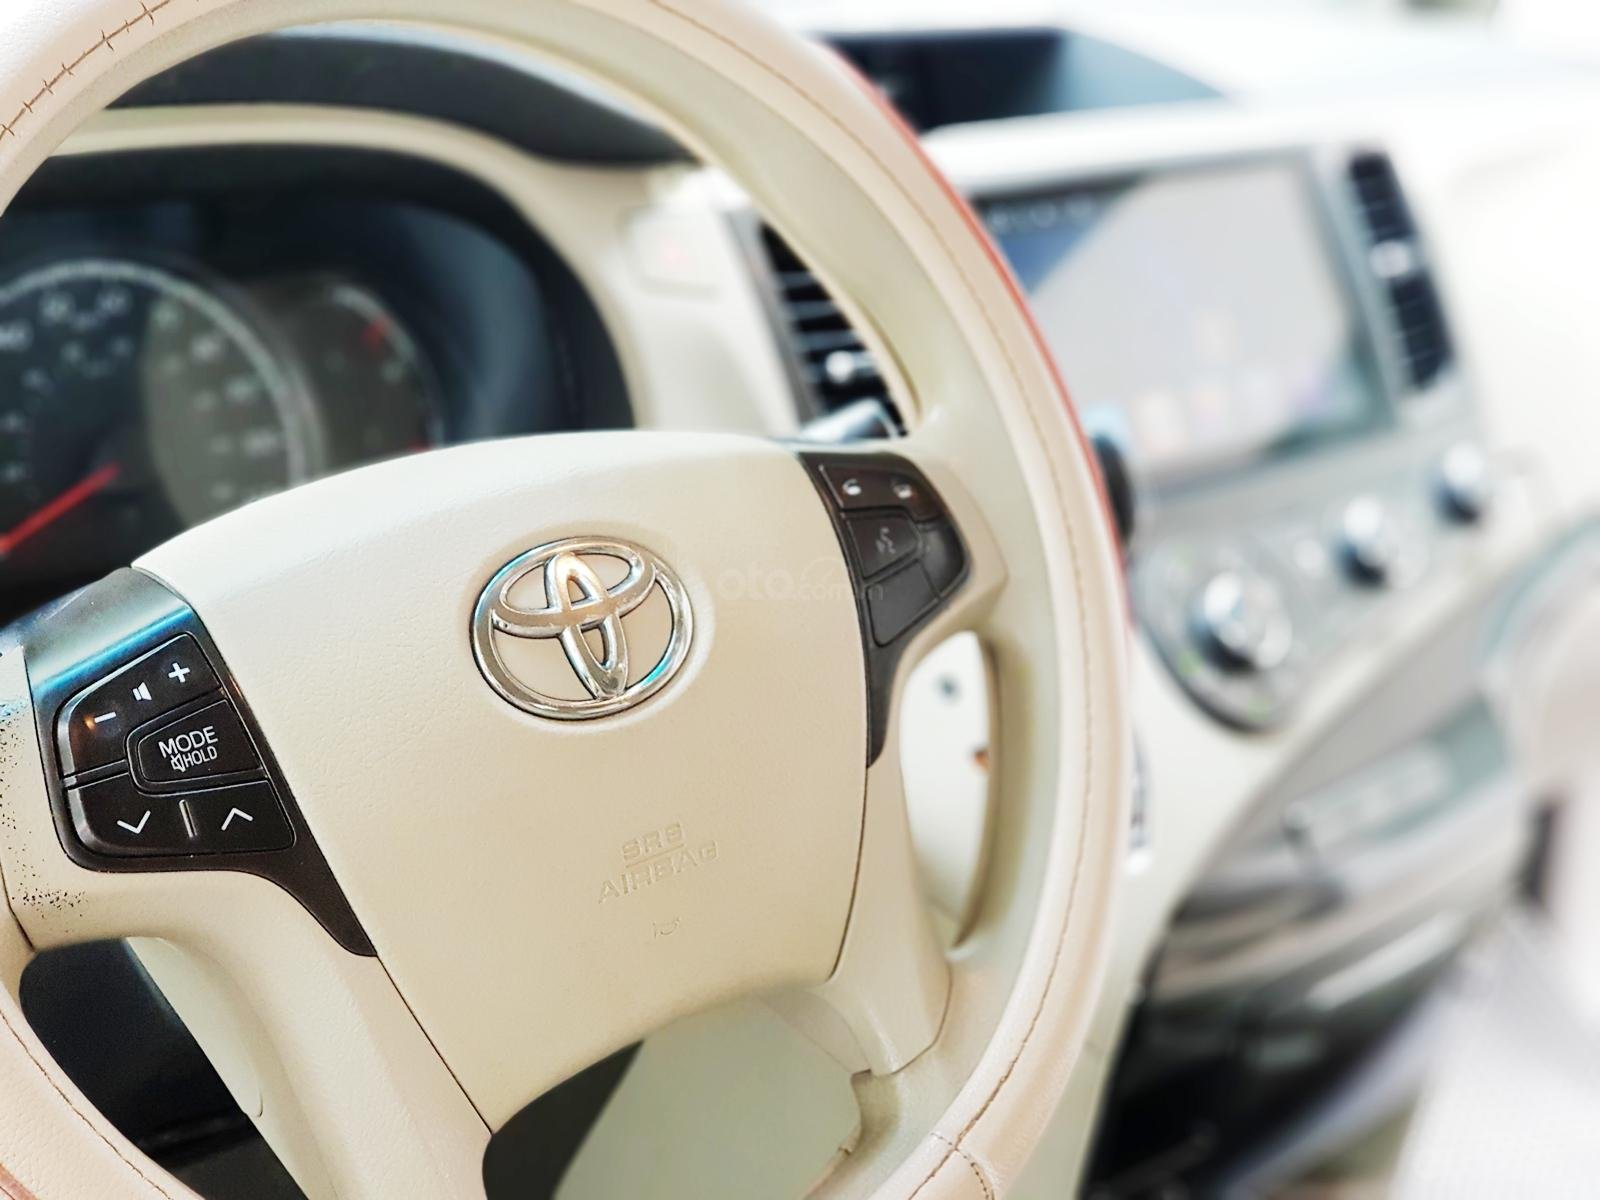 Bán xe Toyota Sienna 2011 3.5 LE nhập khẩu Mỹ (13)